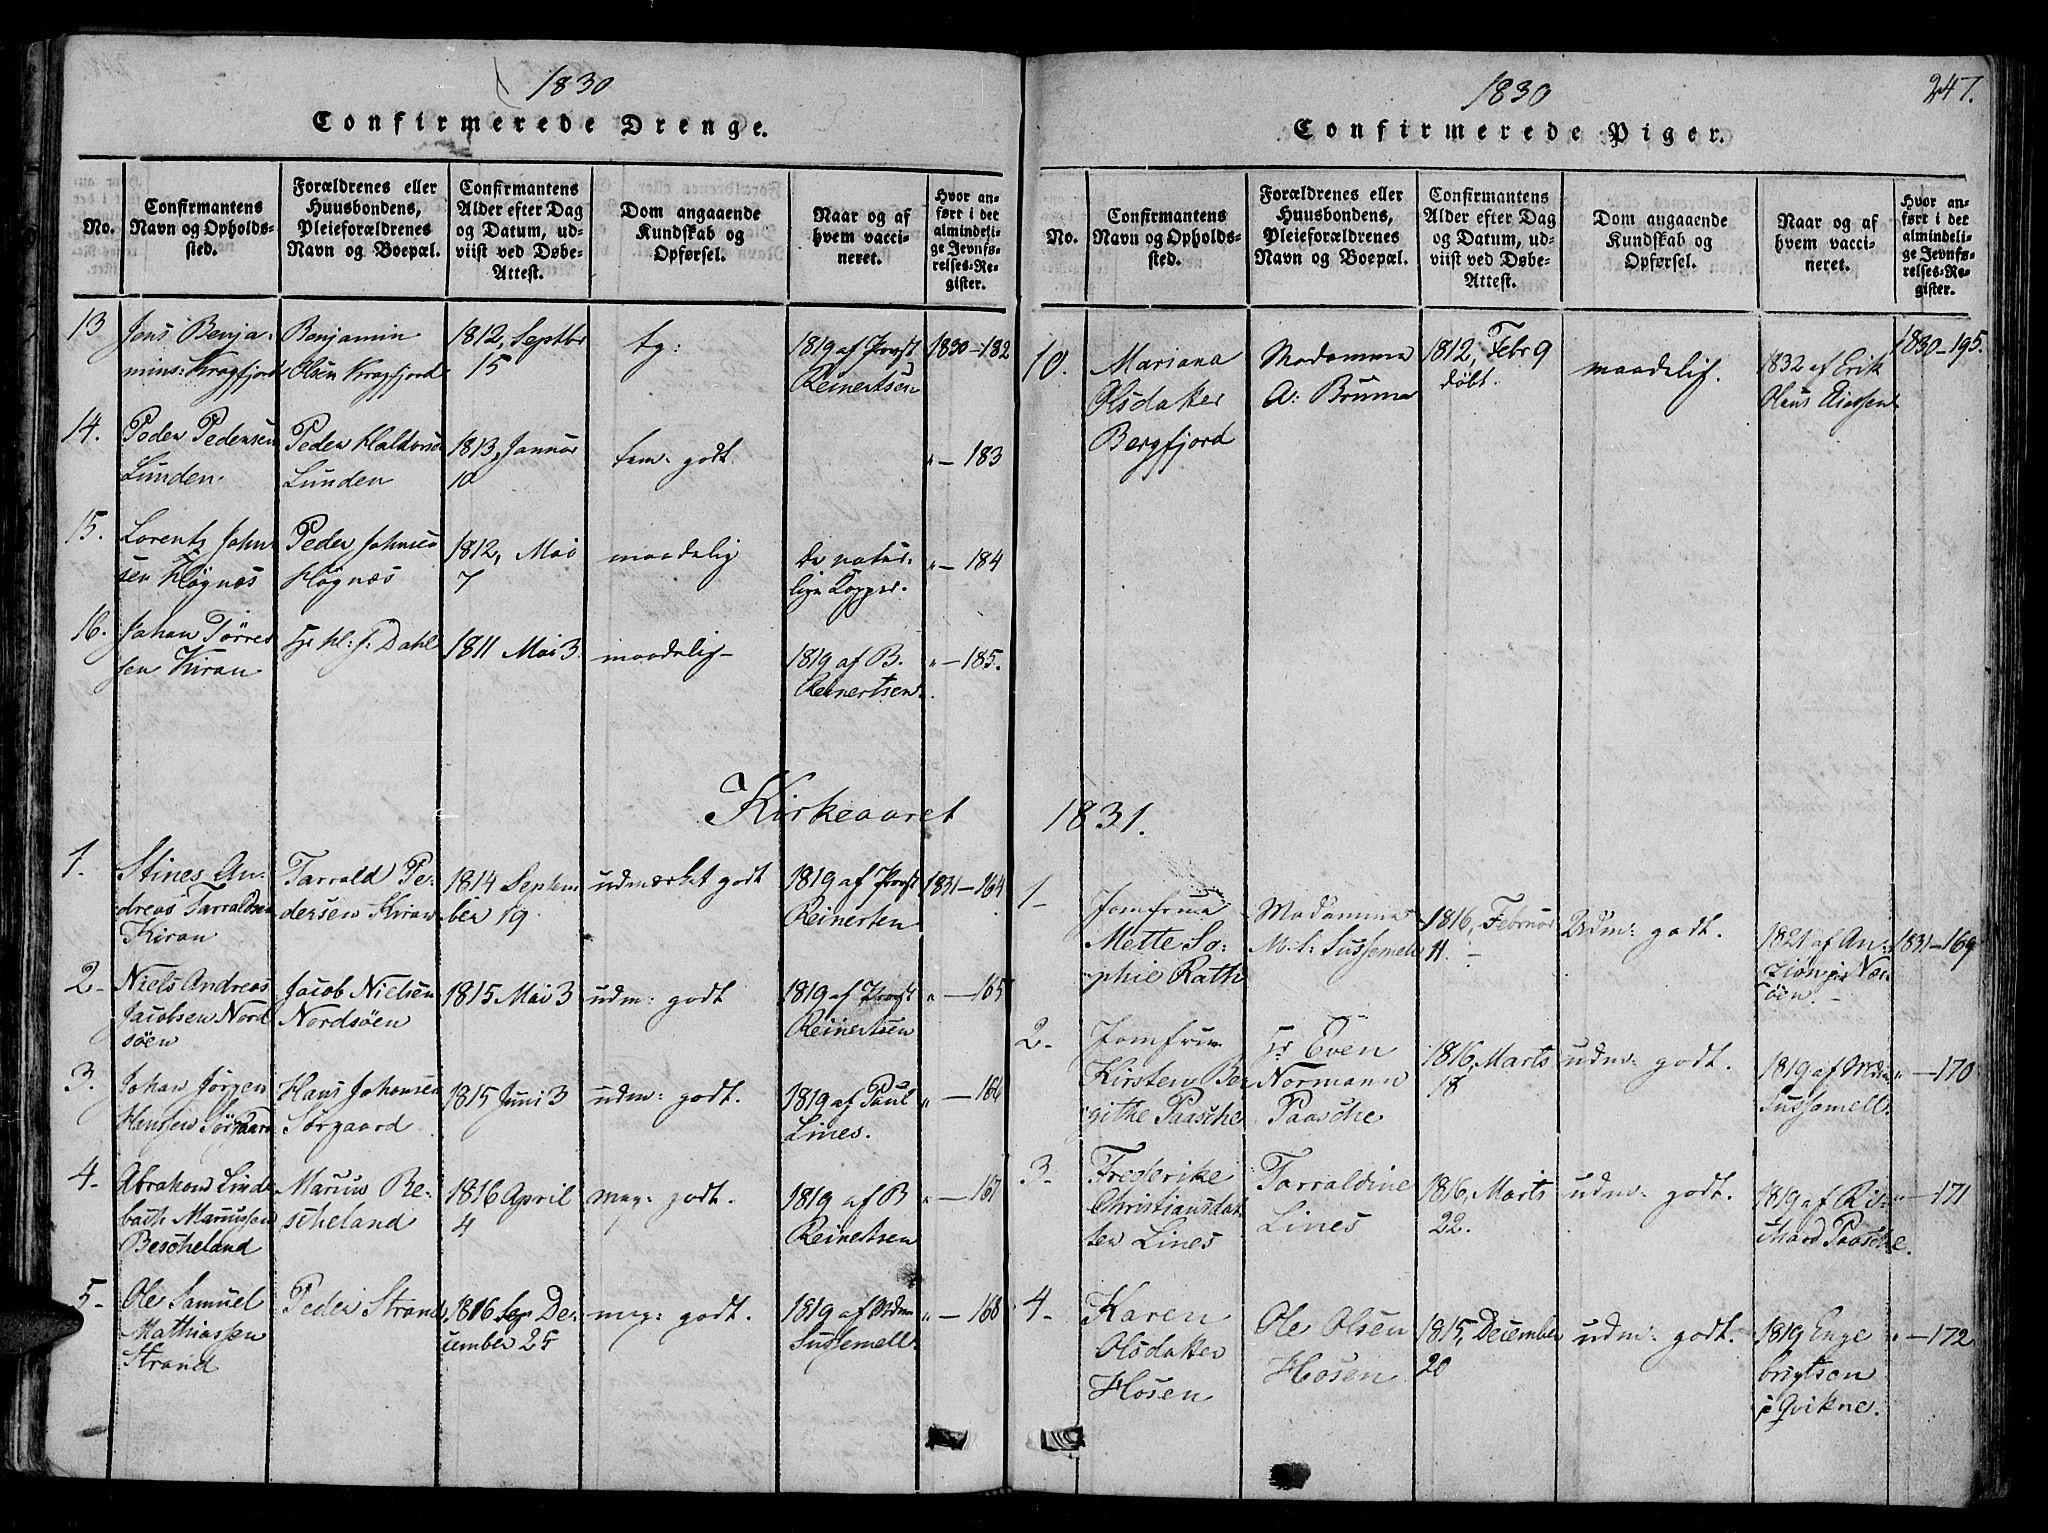 SAT, Ministerialprotokoller, klokkerbøker og fødselsregistre - Sør-Trøndelag, 657/L0702: Ministerialbok nr. 657A03, 1818-1831, s. 247